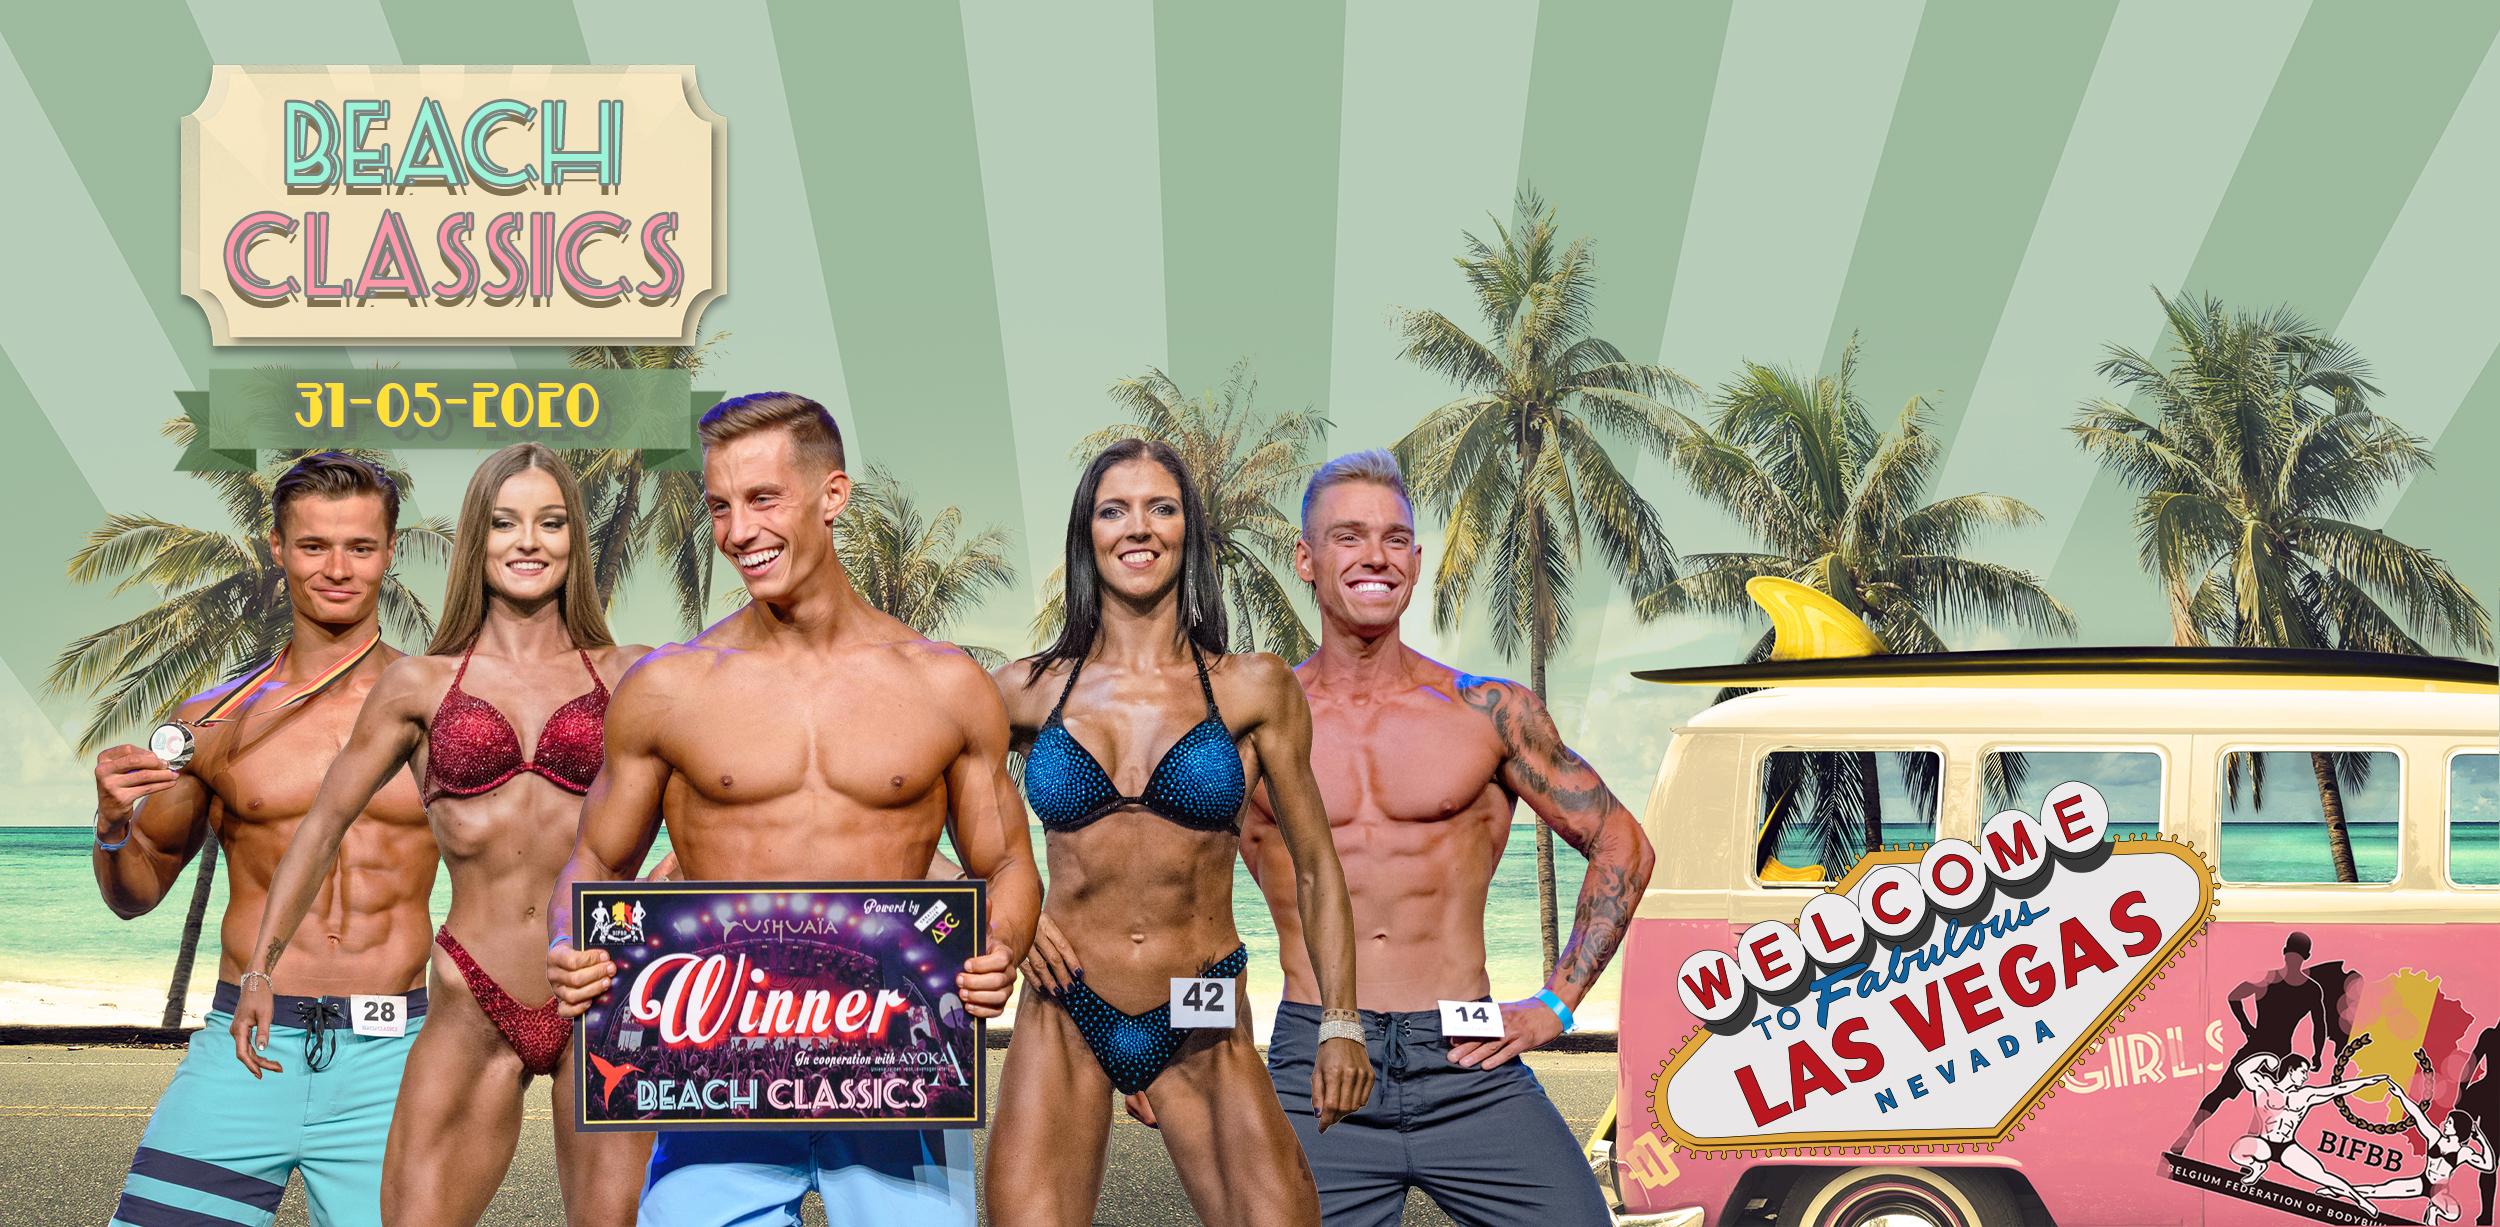 beach classics website slider juist